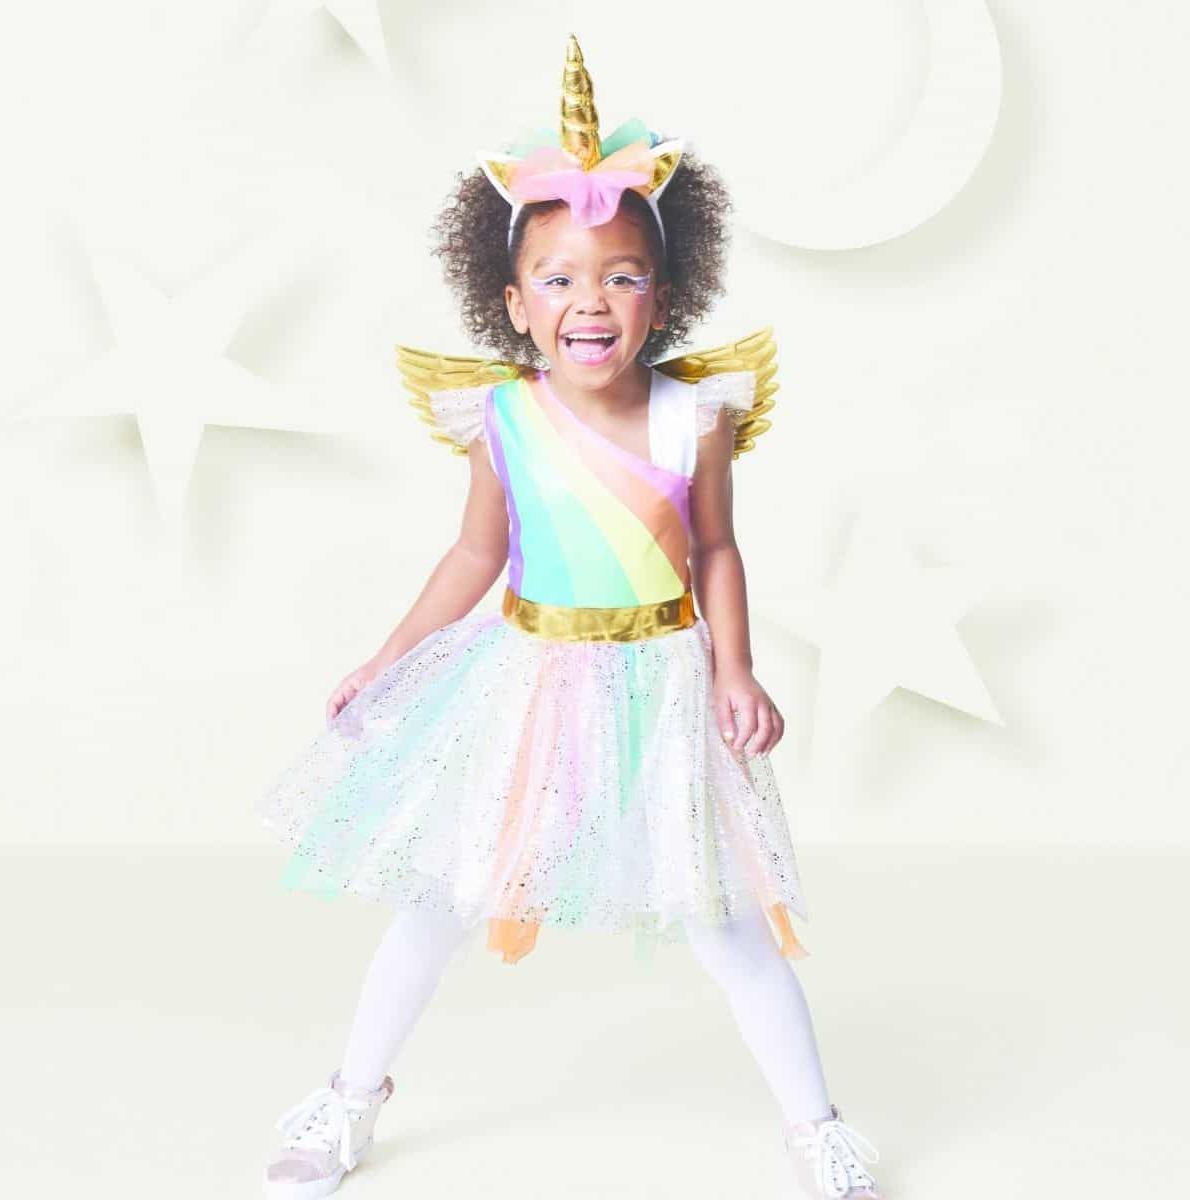 Machen Sie Ihre Kinder mit einem Einhorn Kostüm glücklich